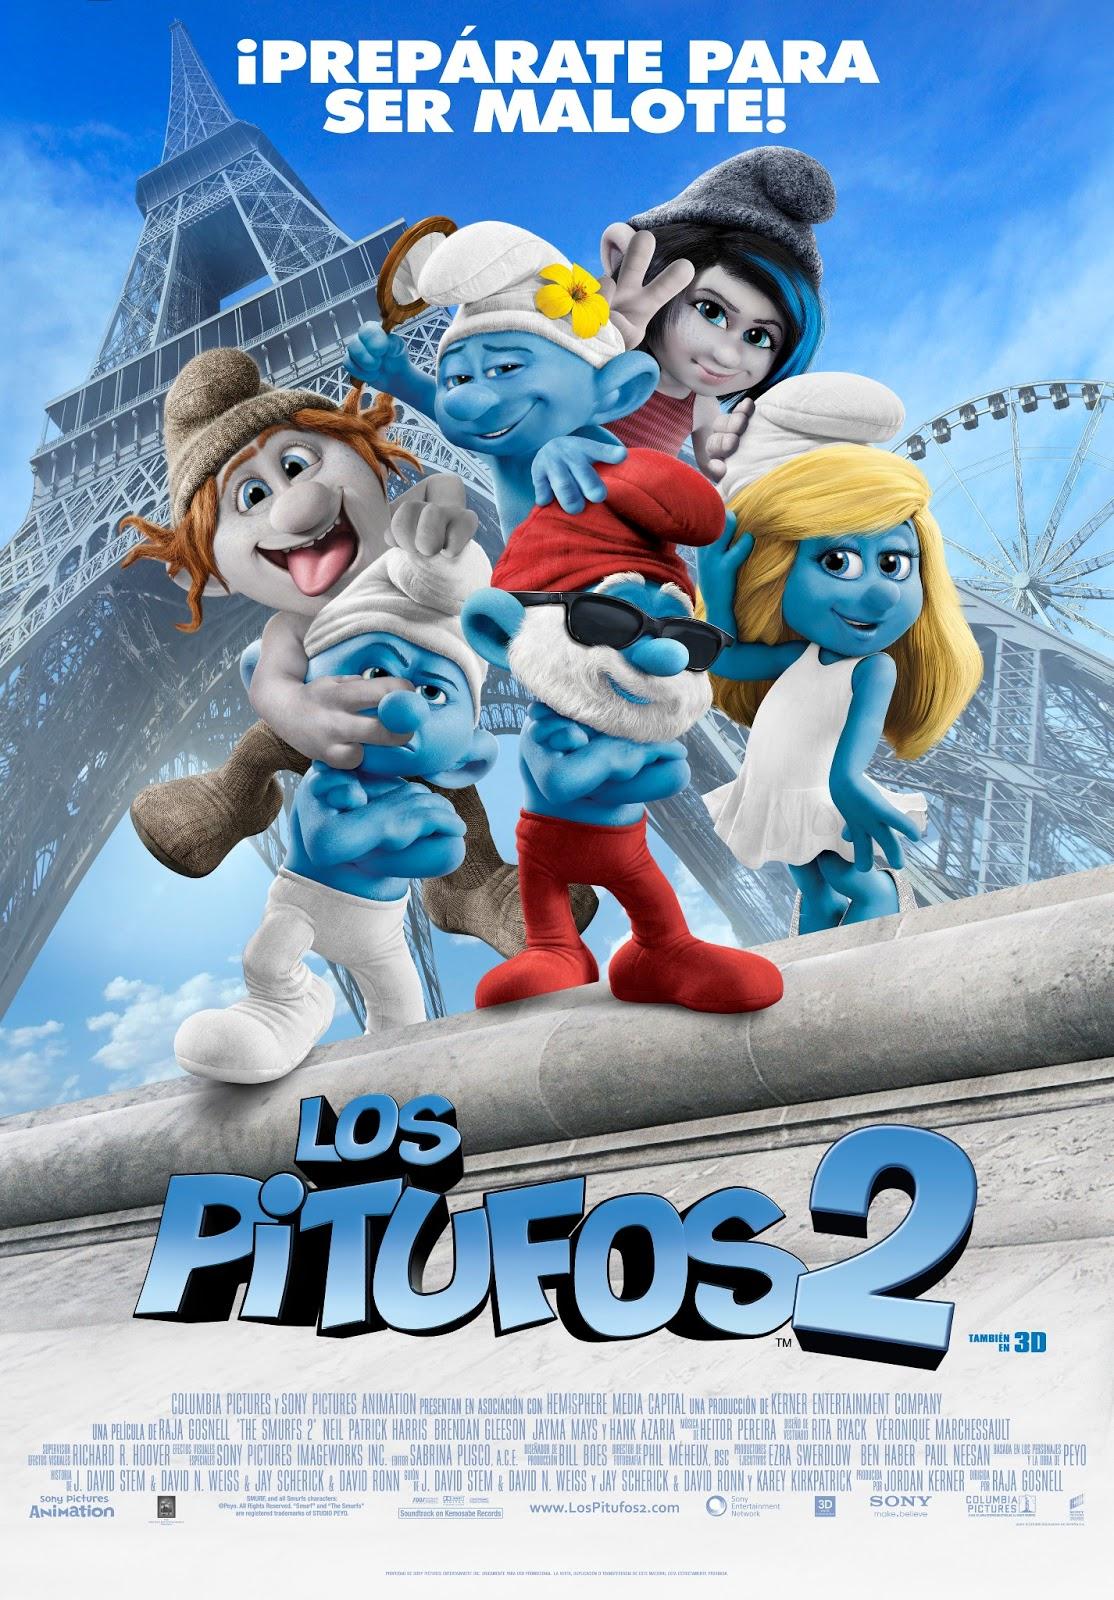 Los Pitufos 2   Cartel Final Los Pitufos 2 [2013] [DvdRip] [Latino]